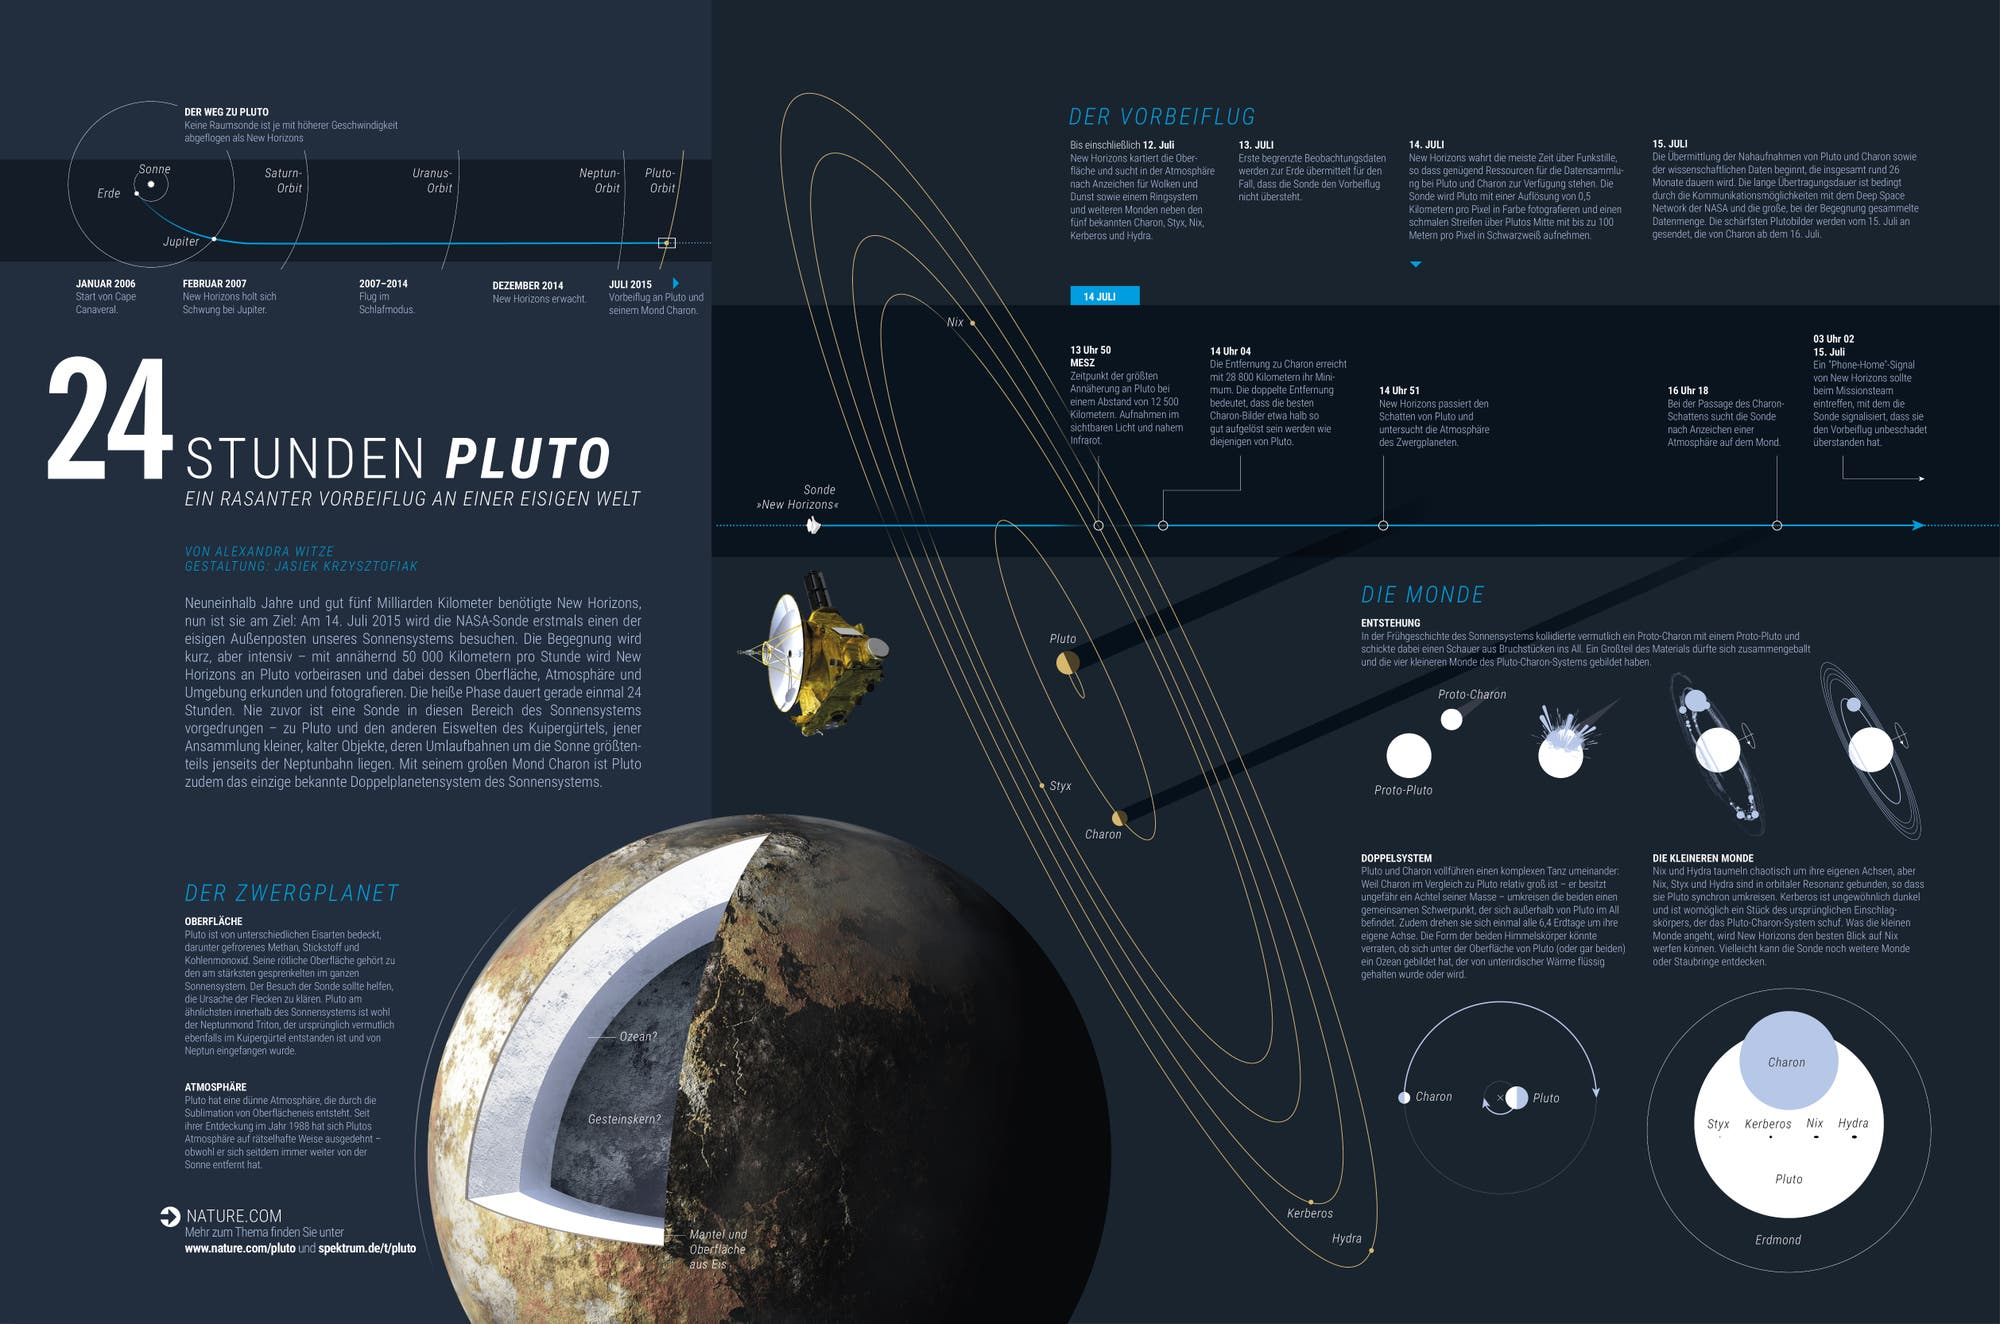 24 Stunden Pluto